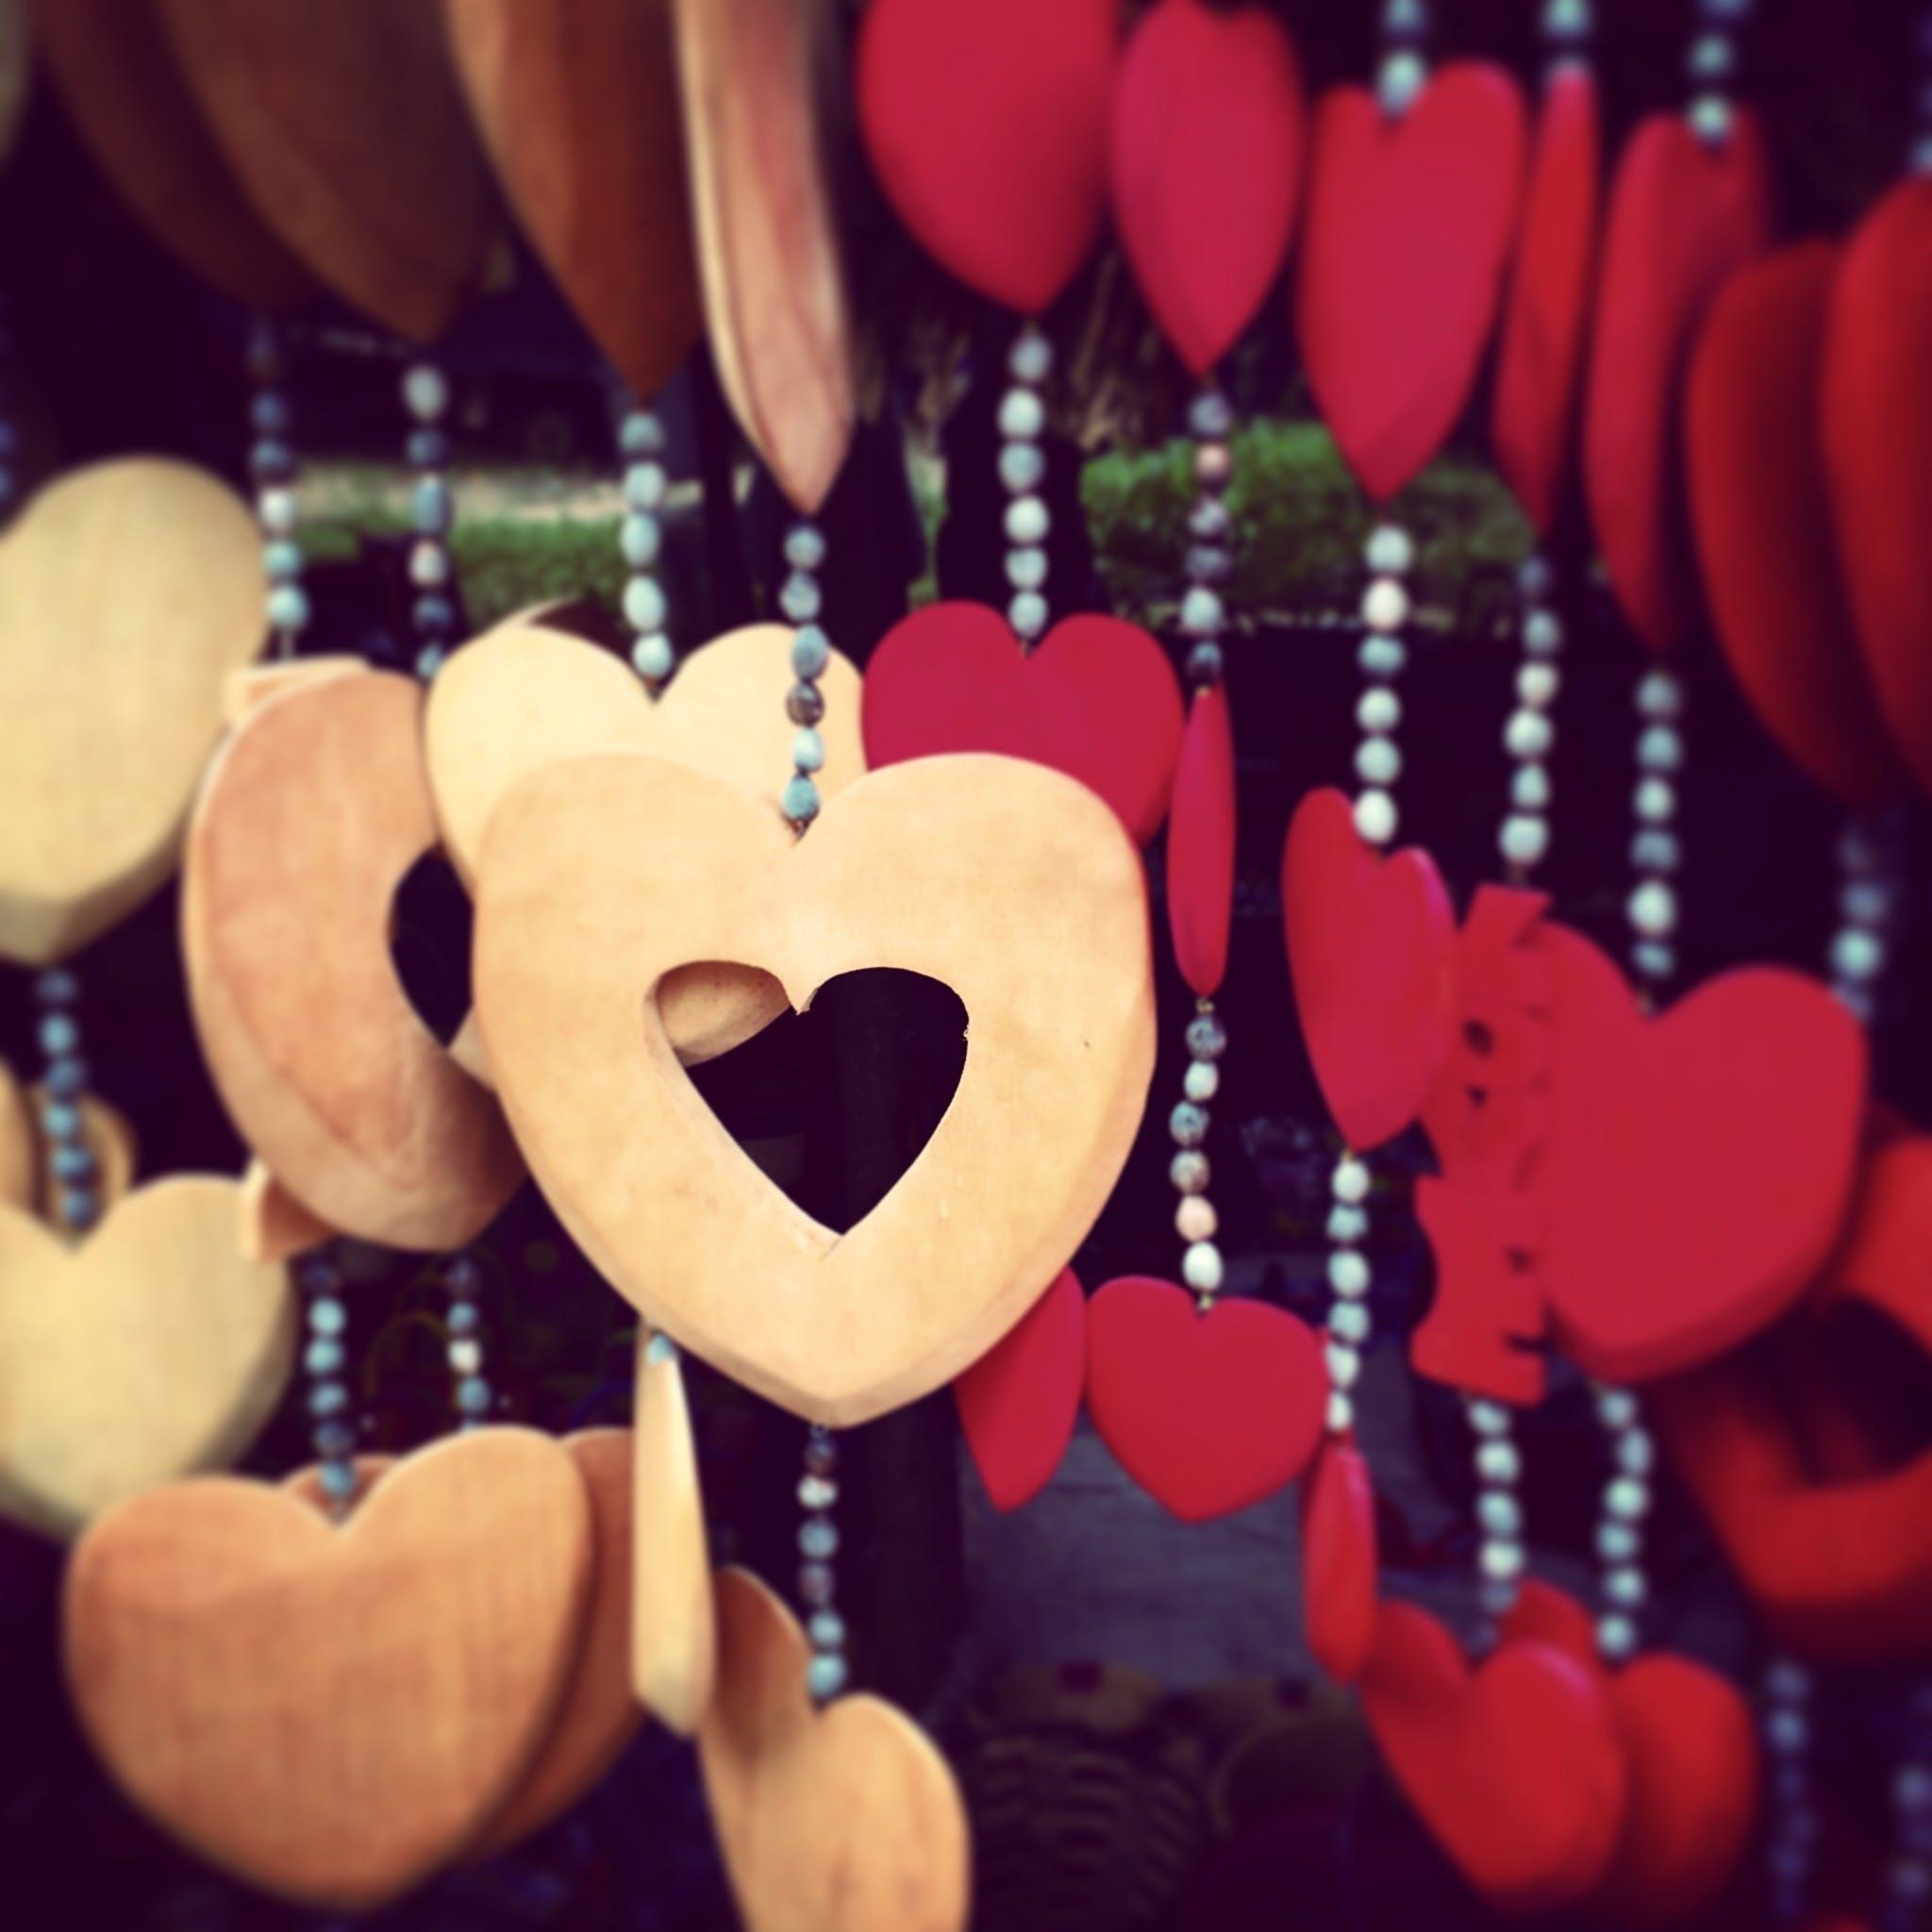 Kostenloses Stock Foto zu dekoration, hängen, herzen, hölzern